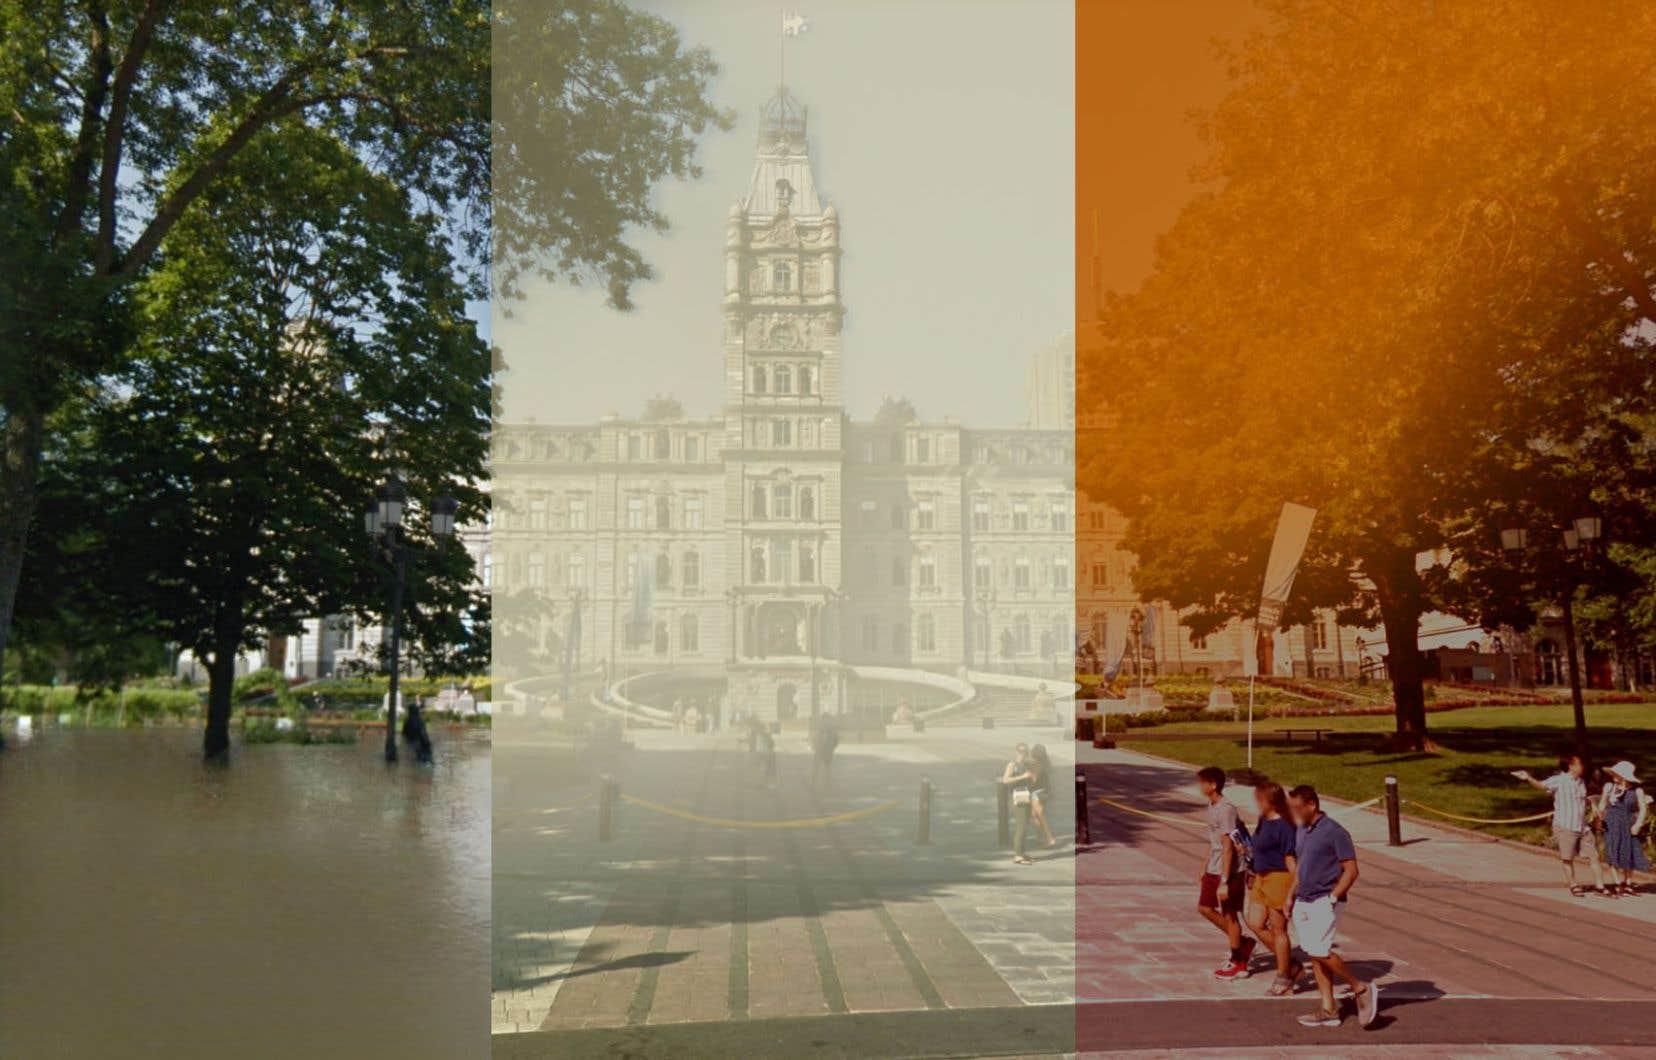 L'équipe du chercheur Yoshua Bengio propose de visualiser des phénomènes climatiques extrêmes, dont des inondations (à gauche), du smog (au centre) ou des feux de forêt (à droite), comme ici devant l'Assemblée nationale du Québec. L'outil applique un filtre sur des images de lieux familiers principalement tirées de Google Street View. S'il est peu probable qu'on ait bientôt les pieds dans l'eau sur la colline Parlementaire, cela sert surtout «d'exercice empathique» devant les bouleversements climatiques, souligne M. Bengio.